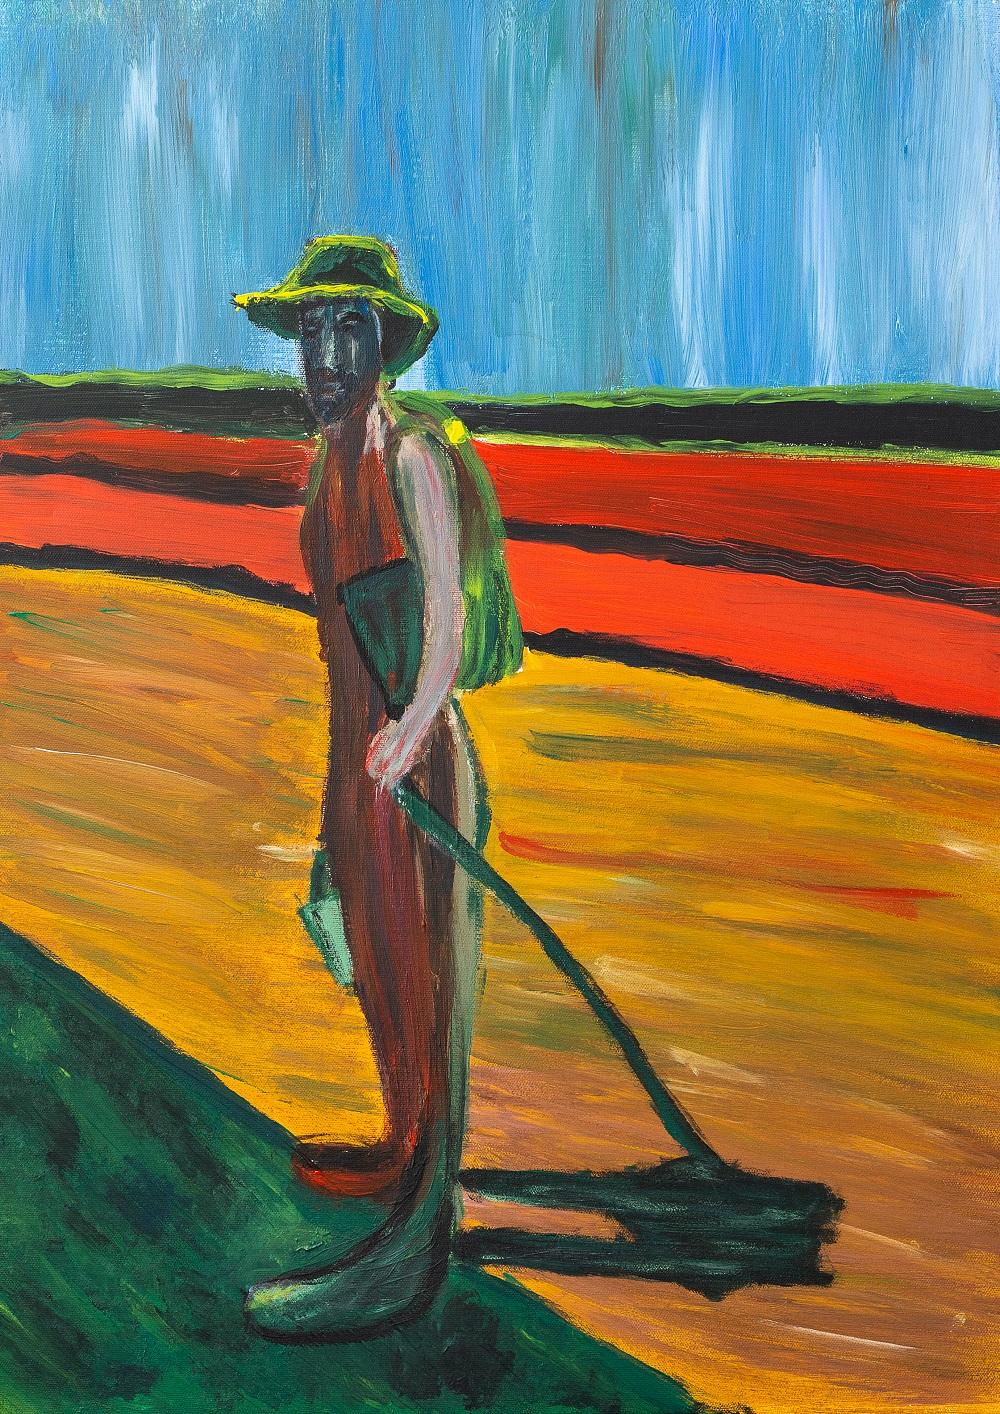 Έκθεση ζωγραφικής για καλό σκοπό στον Δήμο Αγρινίου